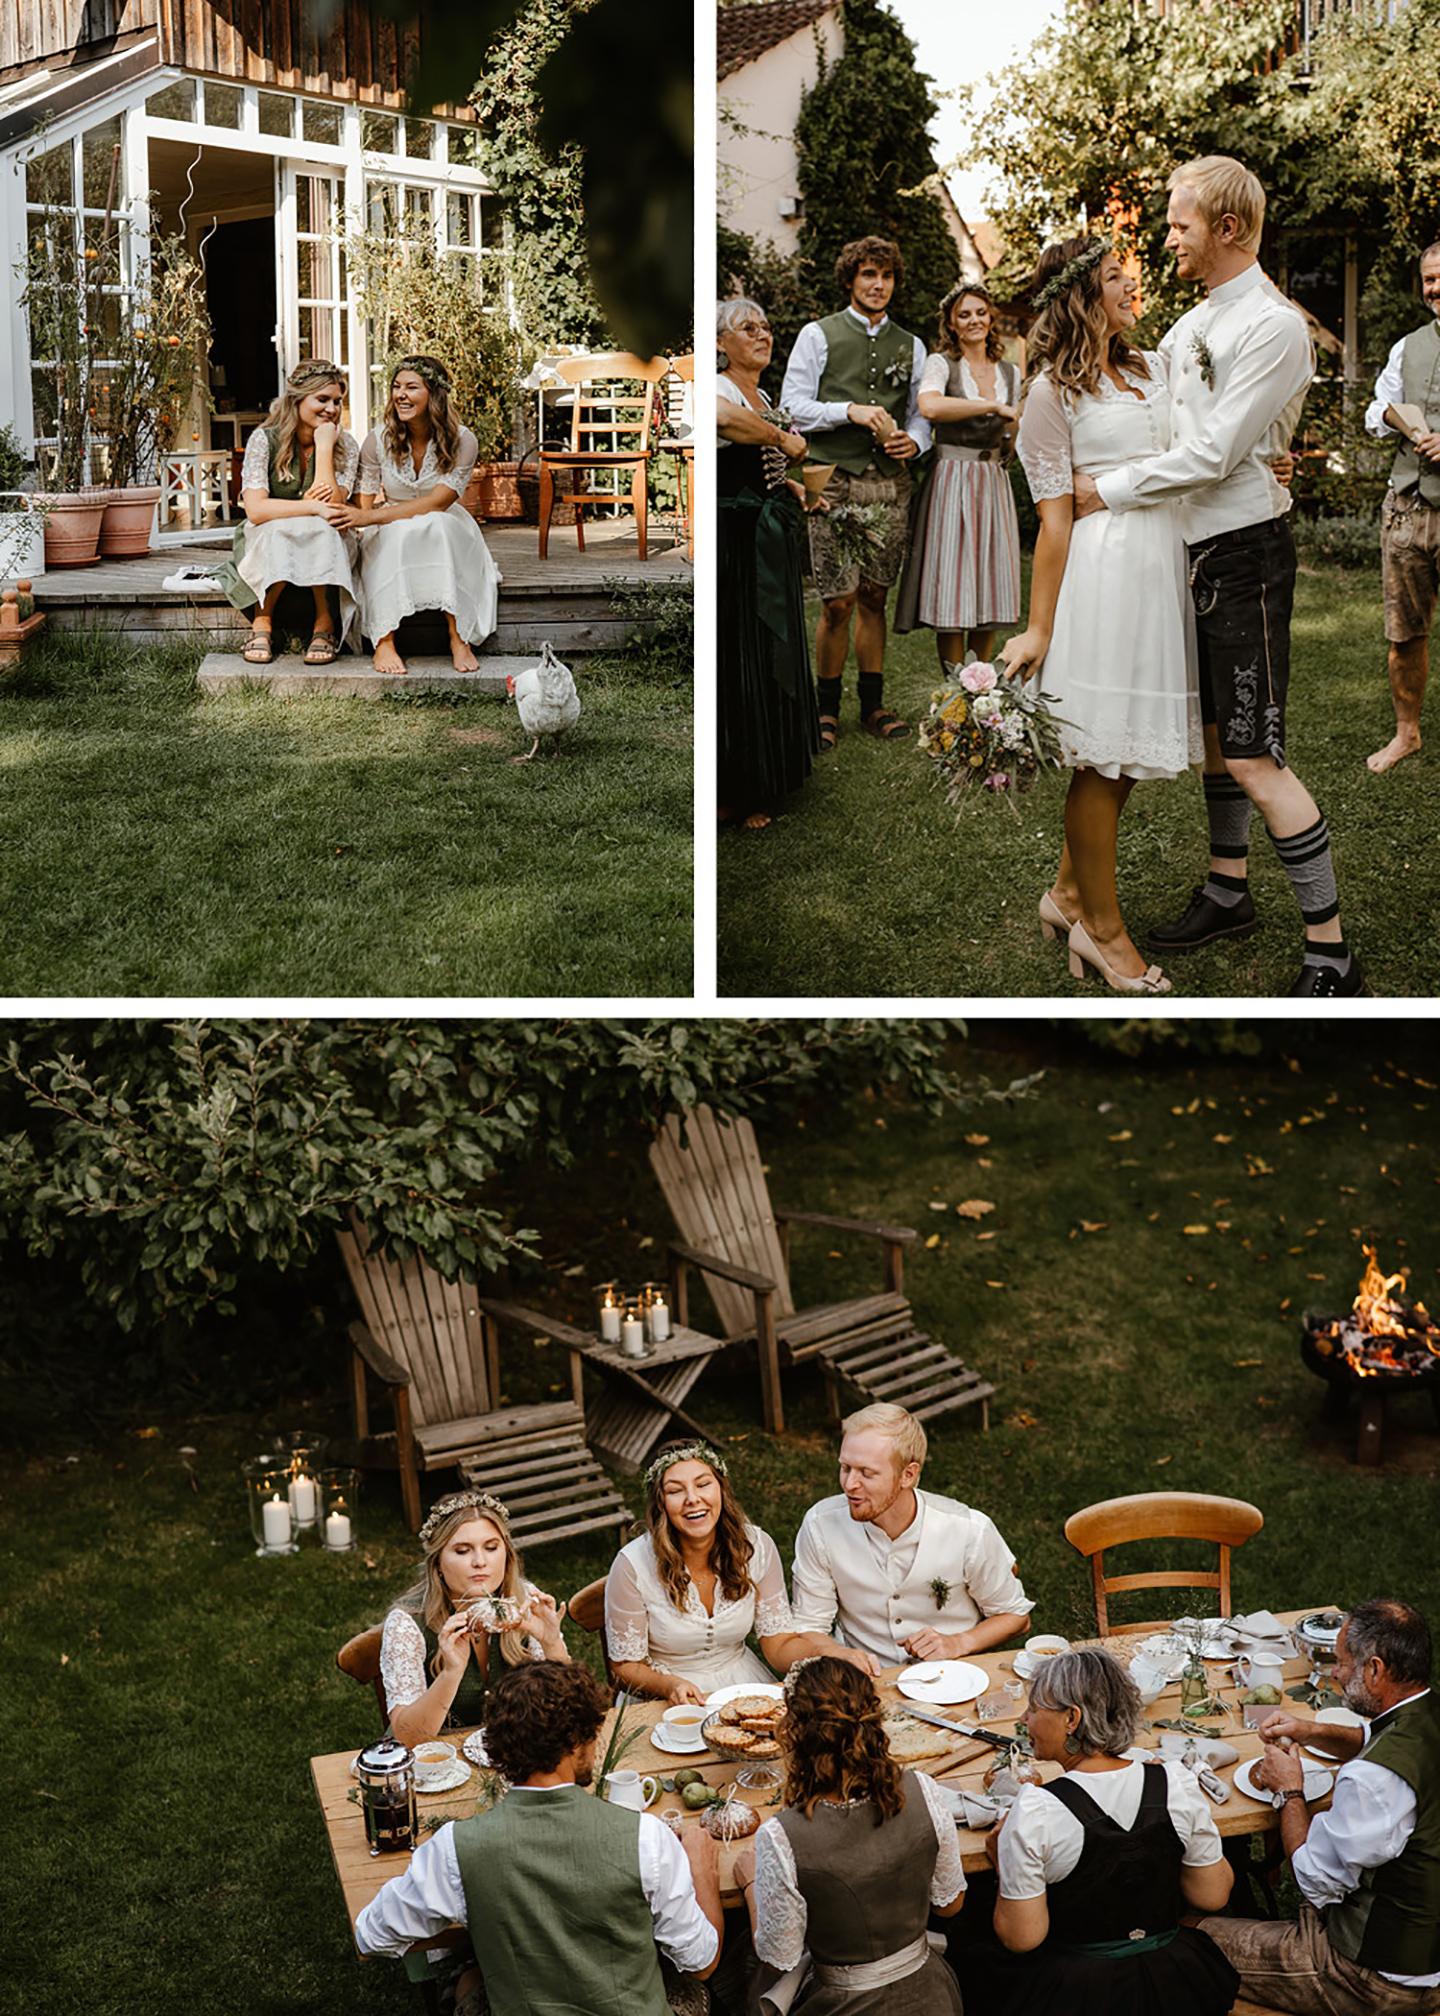 Die Hochzeit findet im grünen Garten statt, in dem die Gäste ausgelassen feiern und sich über das Hochzeitspaar freuen. Zusammen sitzen alle am Tisch und lachen.